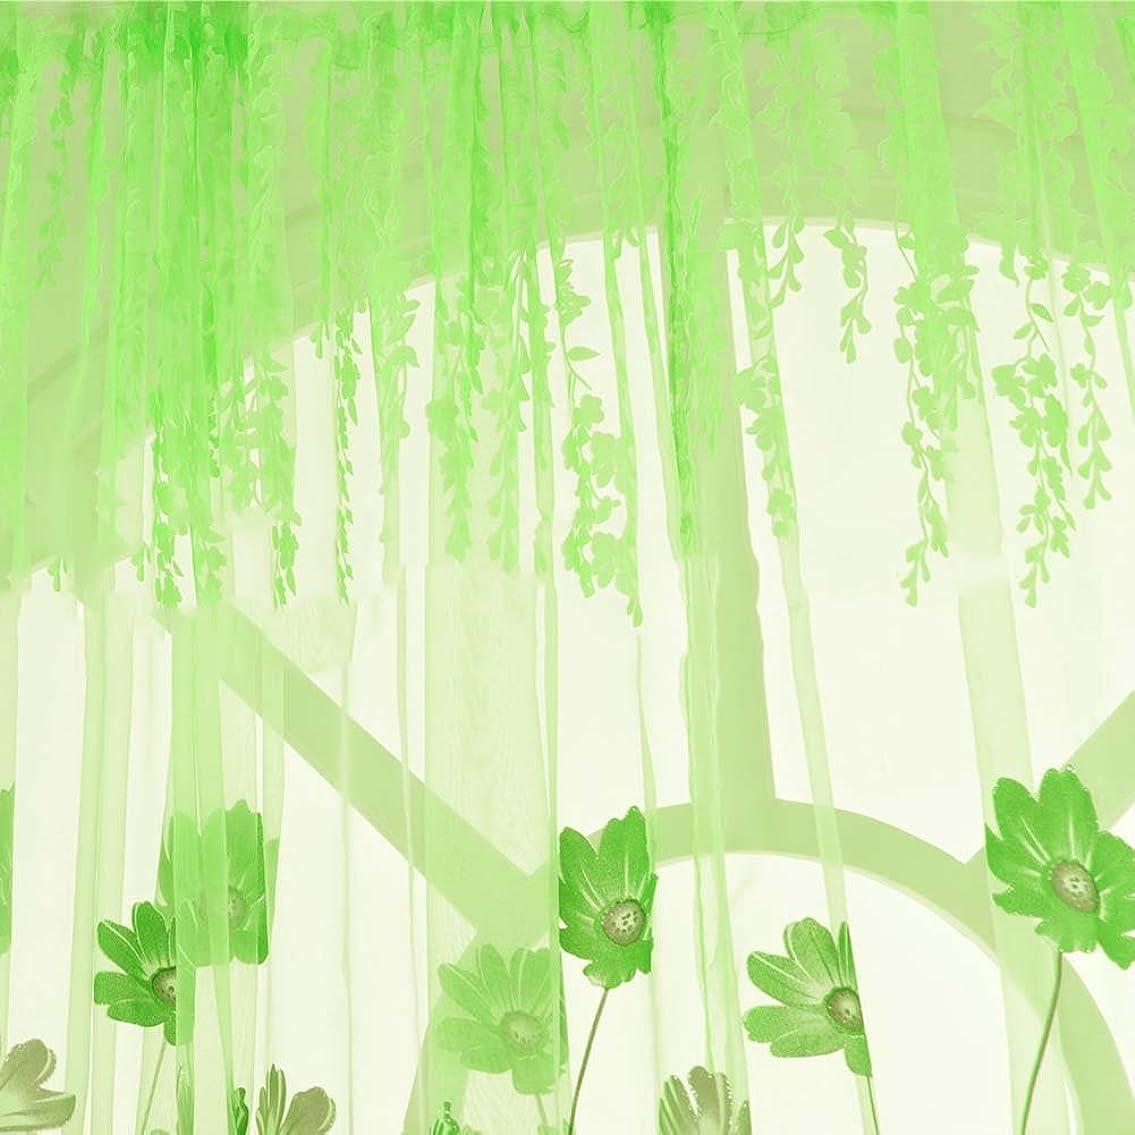 ひねりスポンジ極めて重要なQIAONAI レースカーテン 薄手 チュール カーテン 花柄  目隠し断熱 半遮光 遮像 光を通す ホーム用品 リビング/トイレ/子供部屋/ワンルームなど間仕切り 雰囲気転換 賃貸屋 幅100x200cm  (グリーン(ゲサンの花))